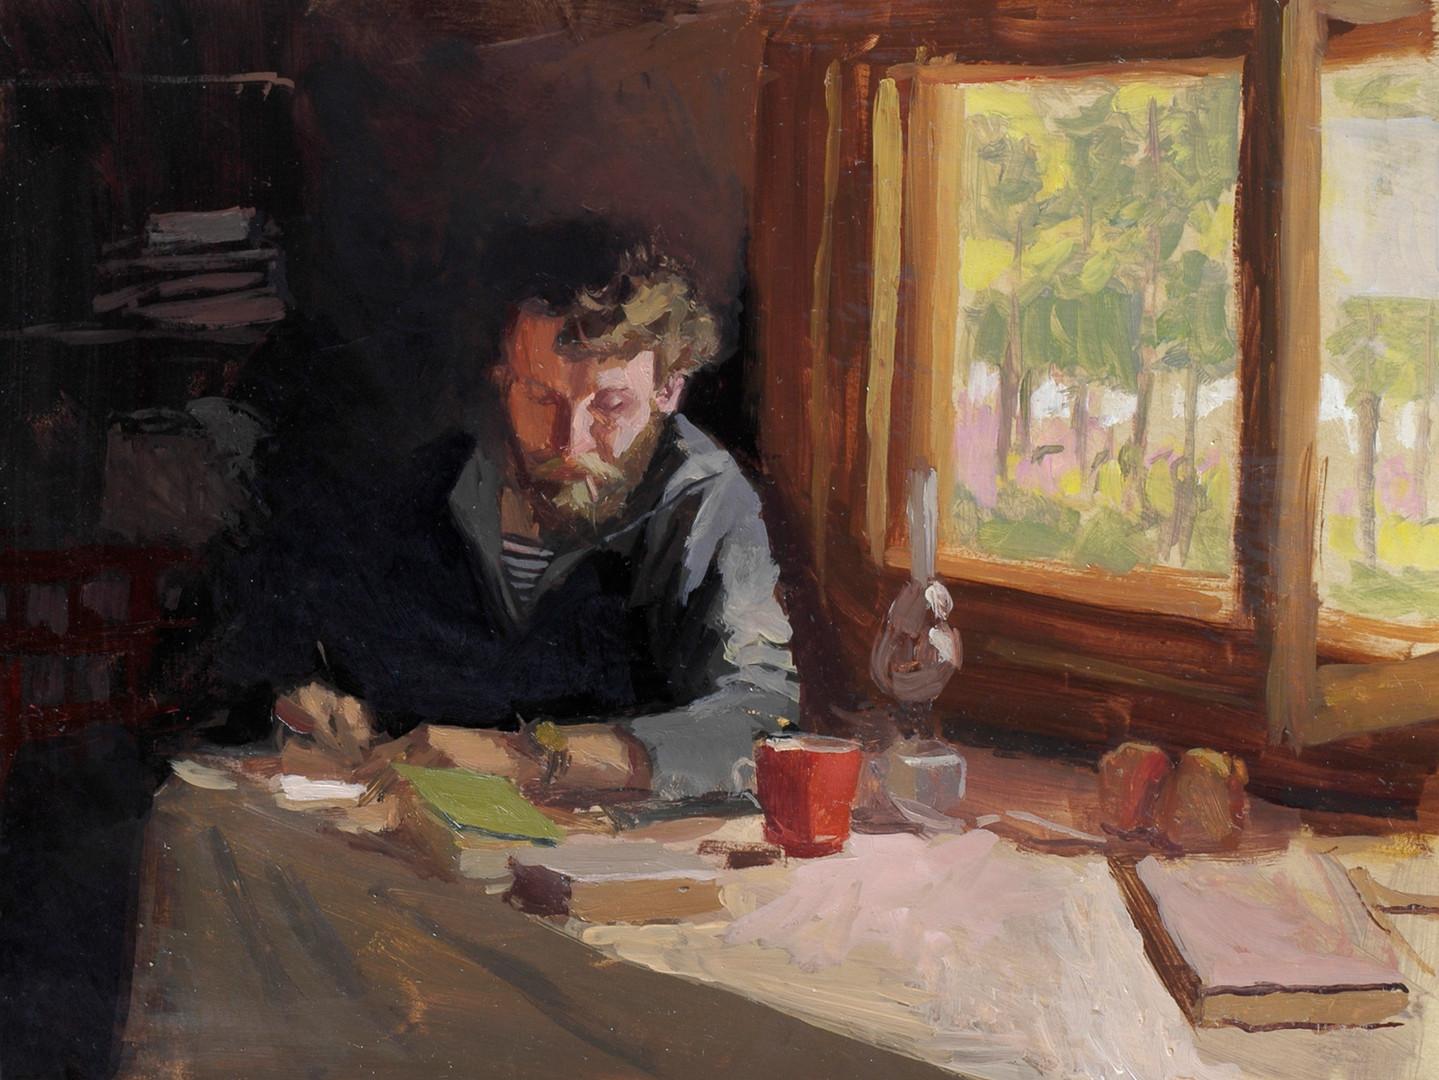 Sylvain Tesson - L'écriture matinale,huile sur papier, 30x40cm, 2010